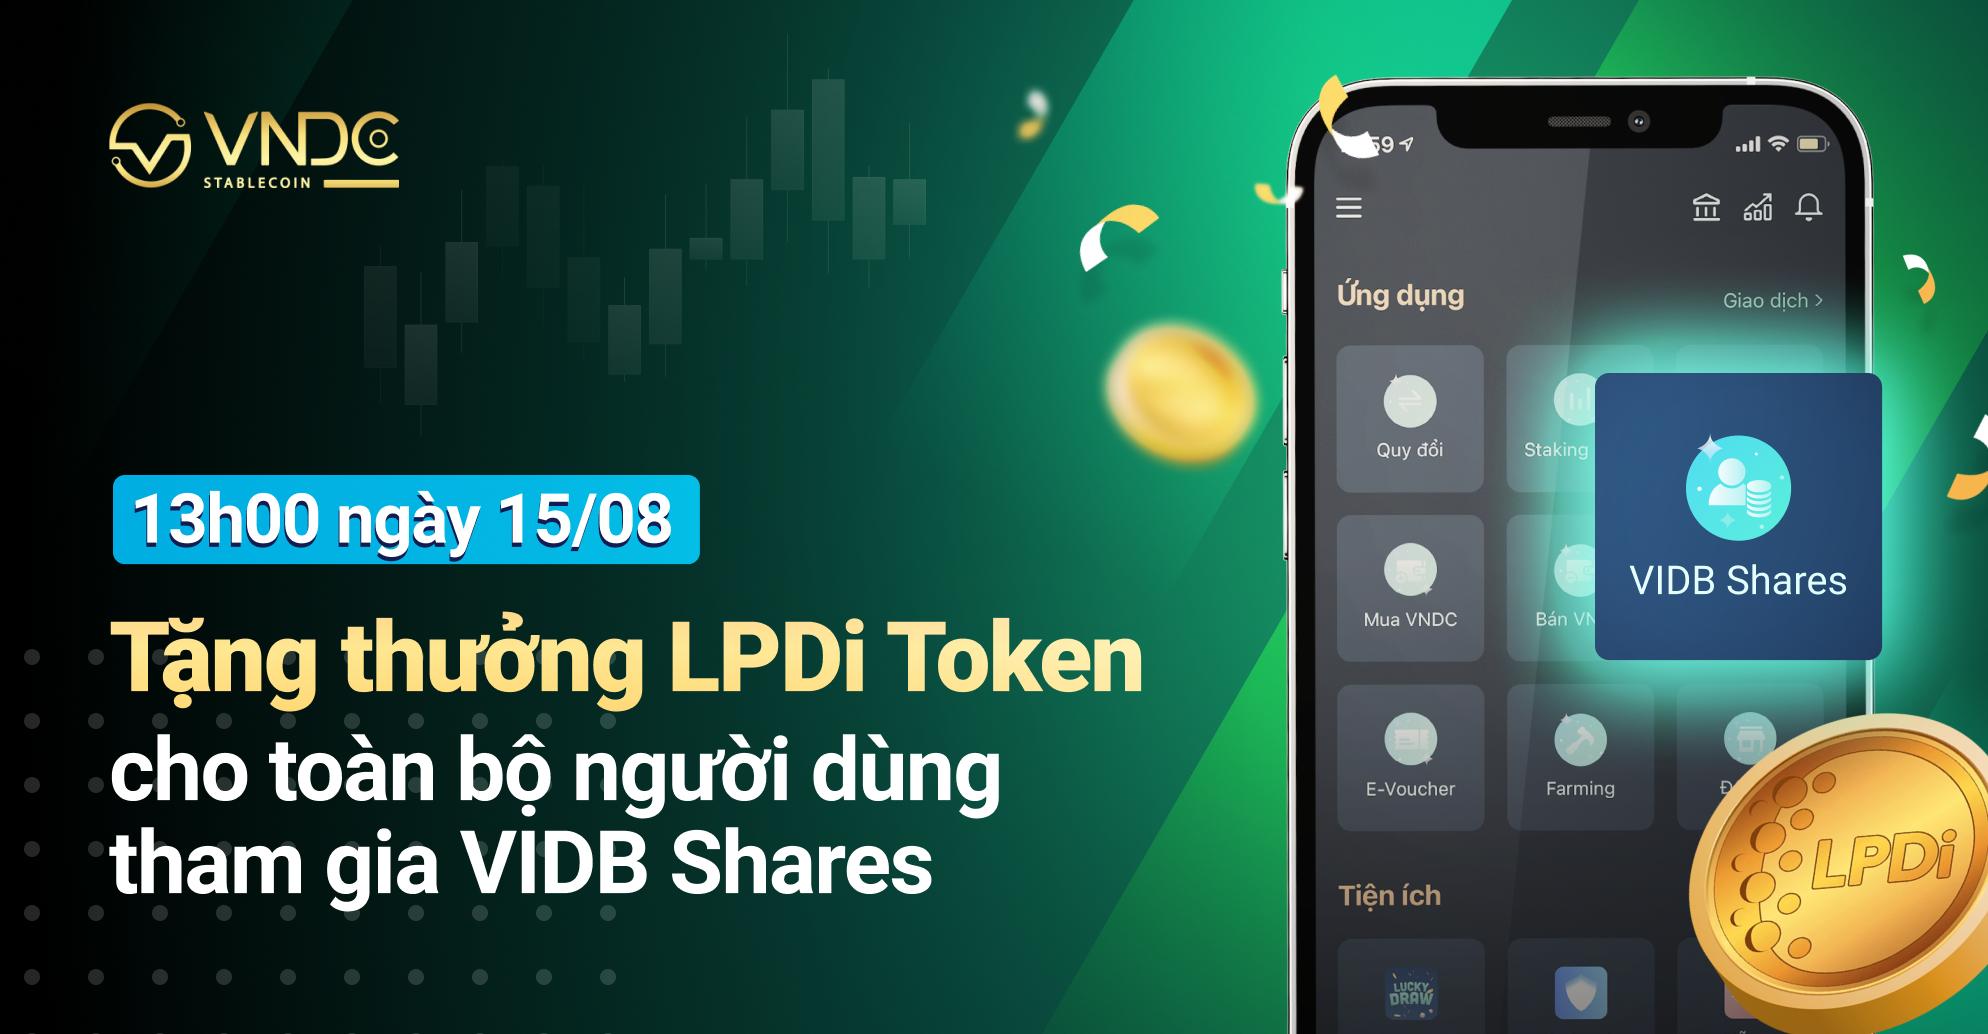 Tặng thưởng LPDi Token cho toàn bộ người dùng tham gia VIDB Shares vào 13h00 ngày 15/08/2021